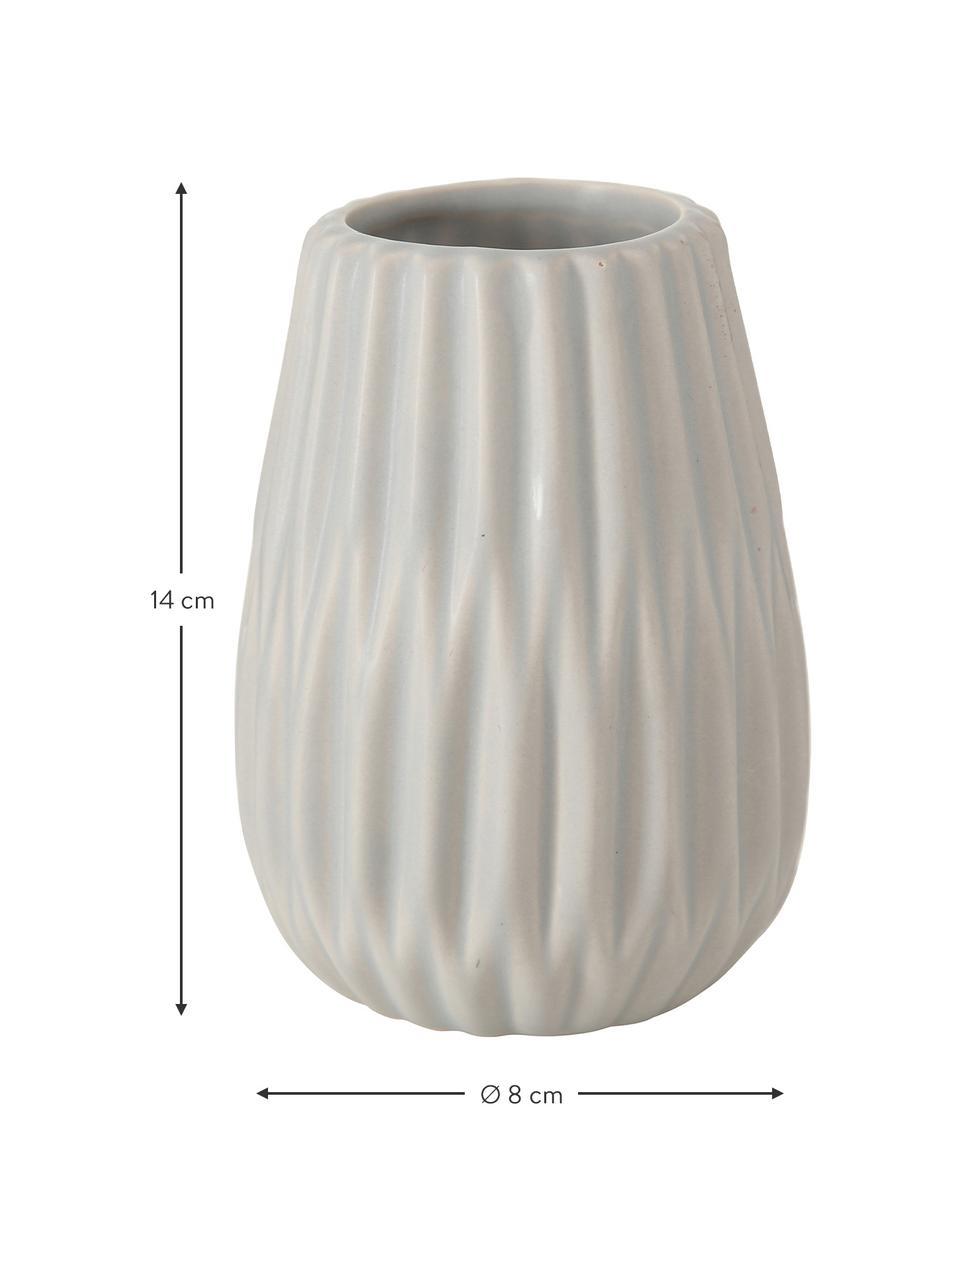 Set 3 vasi decorativi in gres Wilma, Gres, Grigio, bianco, rosa, Ø 8 x Alt. 14 cm